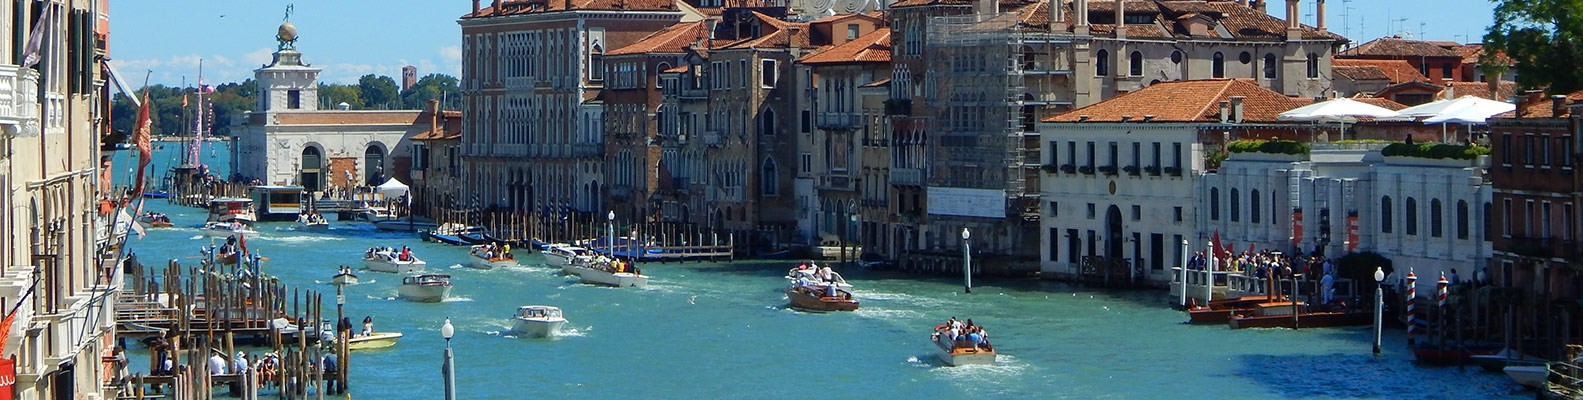 Istorija Venecije